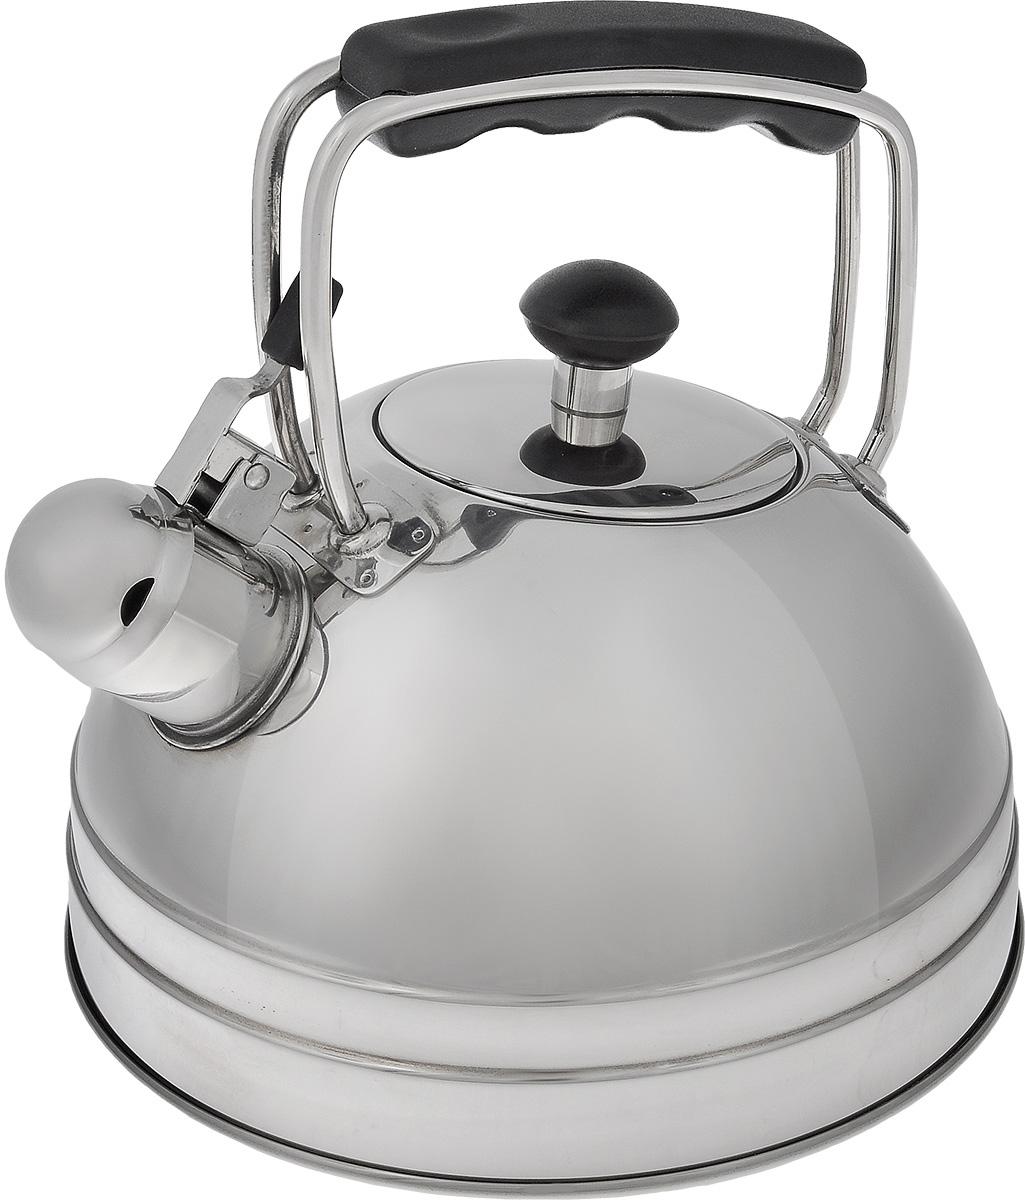 Чайник со свистком Vitesse Odina, 2,5 лVS-1105Чайник Vitesse Odina выполнен из высококачественной нержавеющей стали 18/10 с зеркальной полировкой. Капсулированное дно с прослойкой из алюминия обеспечивает наилучшее распределение тепла. Носик чайника оснащен откидной насадкой-свистком, что позволит вам контролировать процесс подогрева или кипячения воды. Ручка чайника изготовлена из бакелита. Она имеет фиксированное положение. Чайник Vitesse Odina подходит для использования на всех типах плит. Также изделие можно мыть в посудомоечной машине. Характеристики: Материал: нержавеющая сталь 18/10, бакелит. Диаметр основания чайника: 20 см. Высота чайника (с учетом крышки и ручки): 21 см. Объем: 2,5 л. Размер упаковки: 20,5 см х 22 см х 20,5 см. Артикул: VS-1105. Кухонная посуда марки Vitesse из нержавеющей стали 18/10 предоставит вам все необходимое для получения удовольствия от...